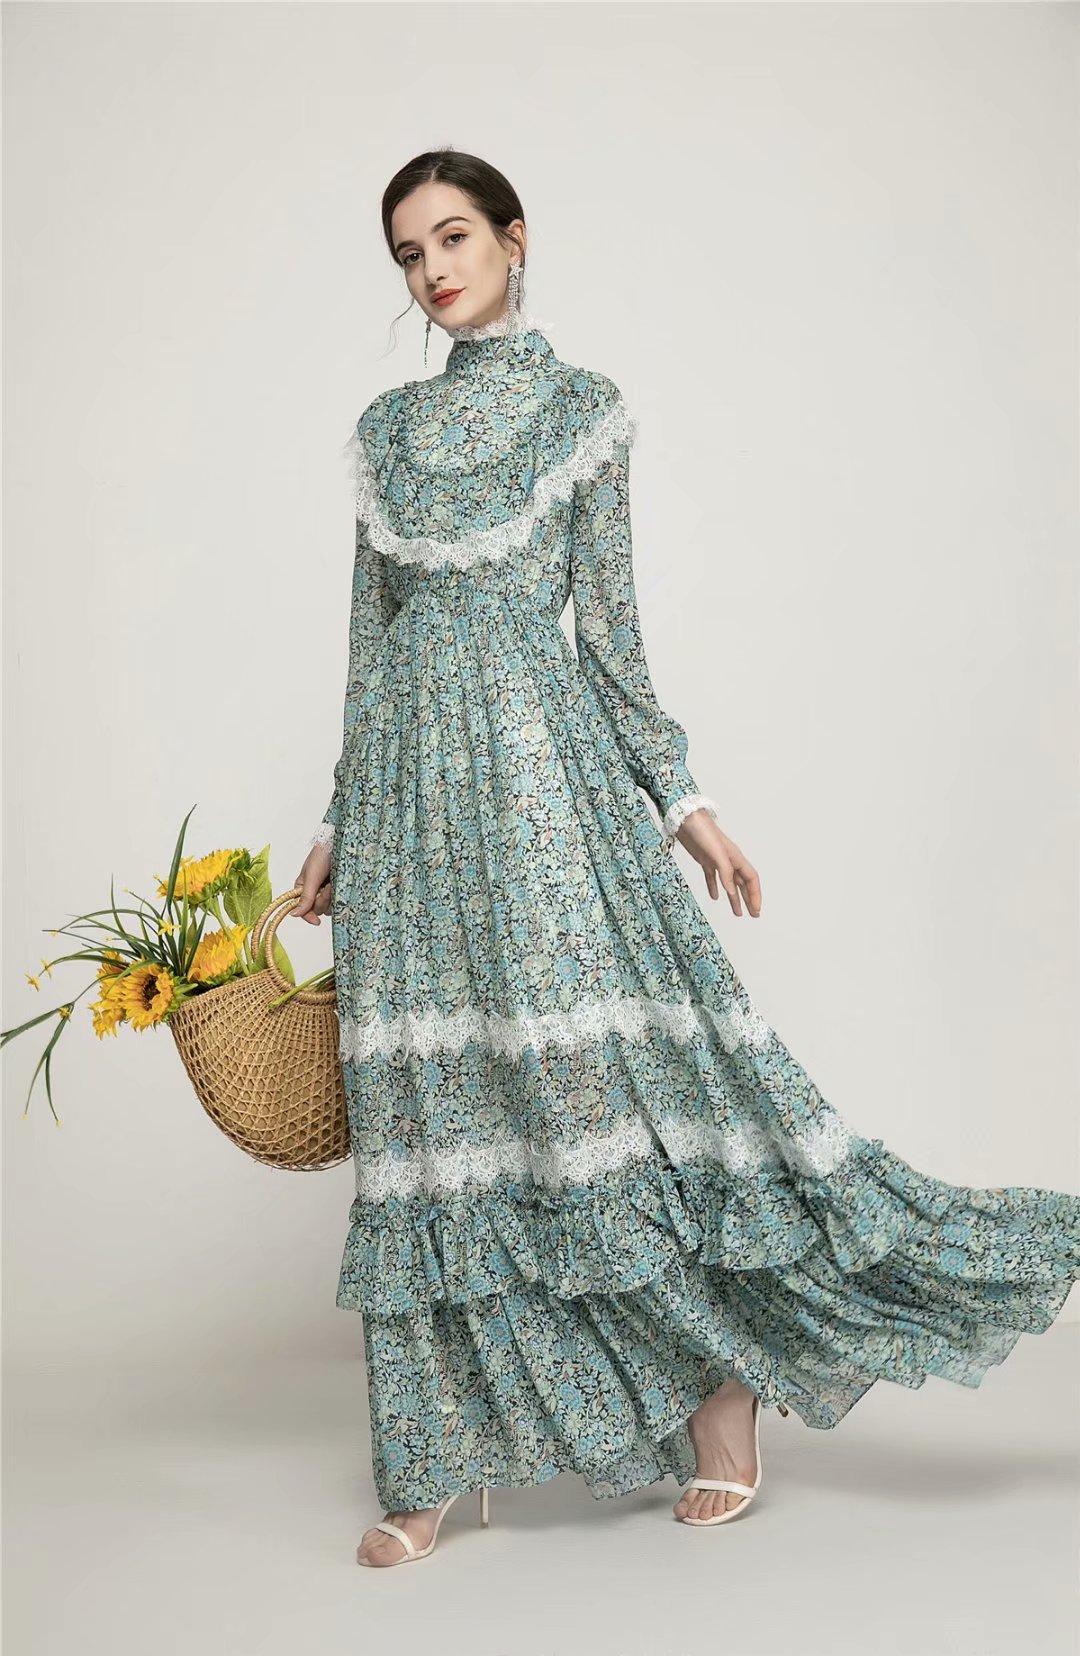 İlkbahar ve yaz yeni stil: dantel kenarı, ince ve ince, kek etek ile retro çiçek baskı elbise